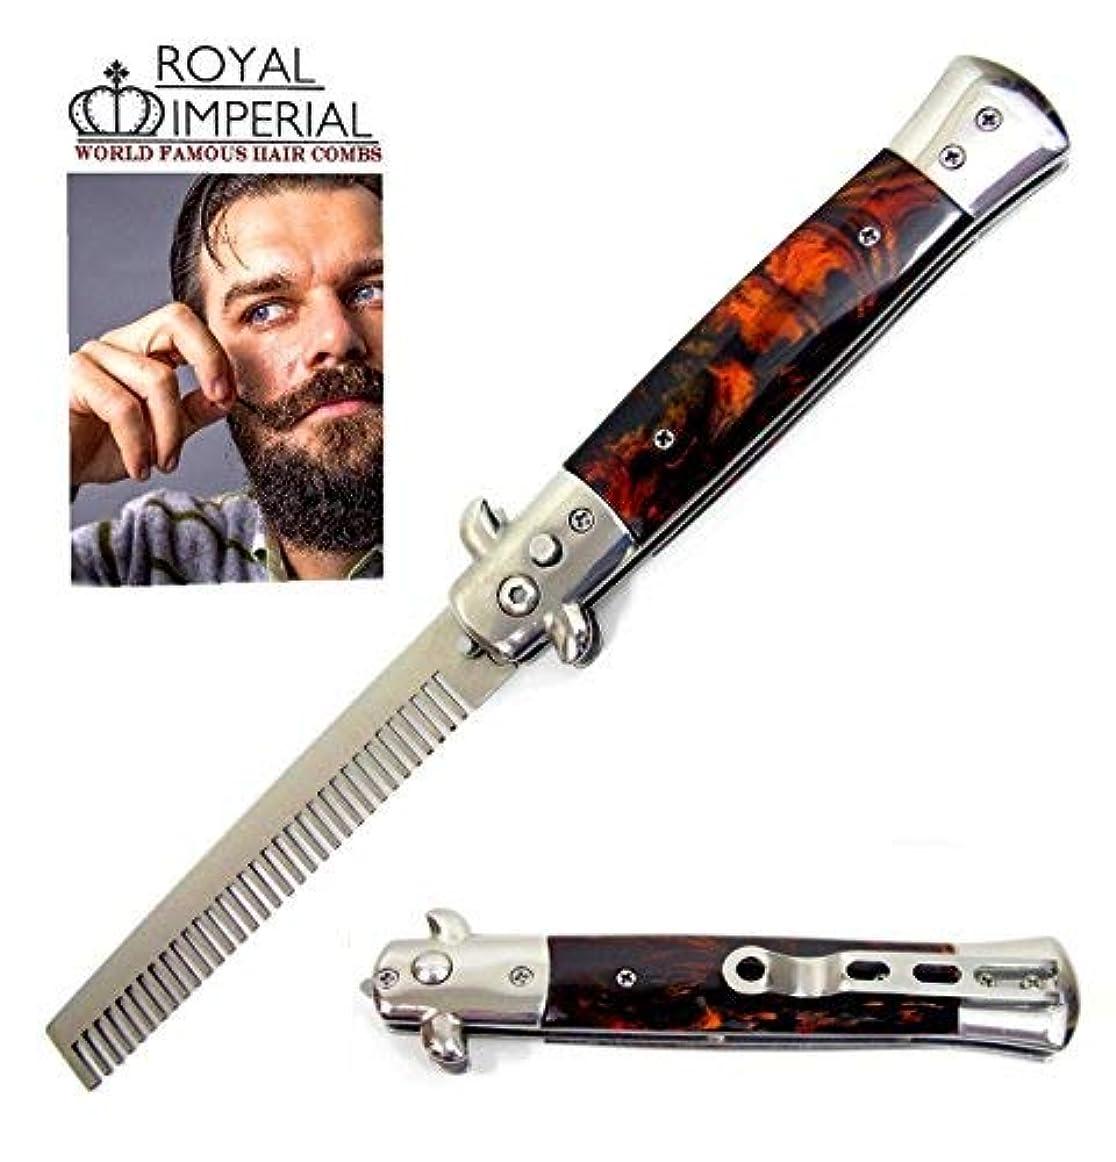 テクニカル消えるディベートRoyal Imperial Metal Switchblade Pocket Folding Flick Hair Comb For Beard, Mustache, Head TORTOISE SHELL FIRE...